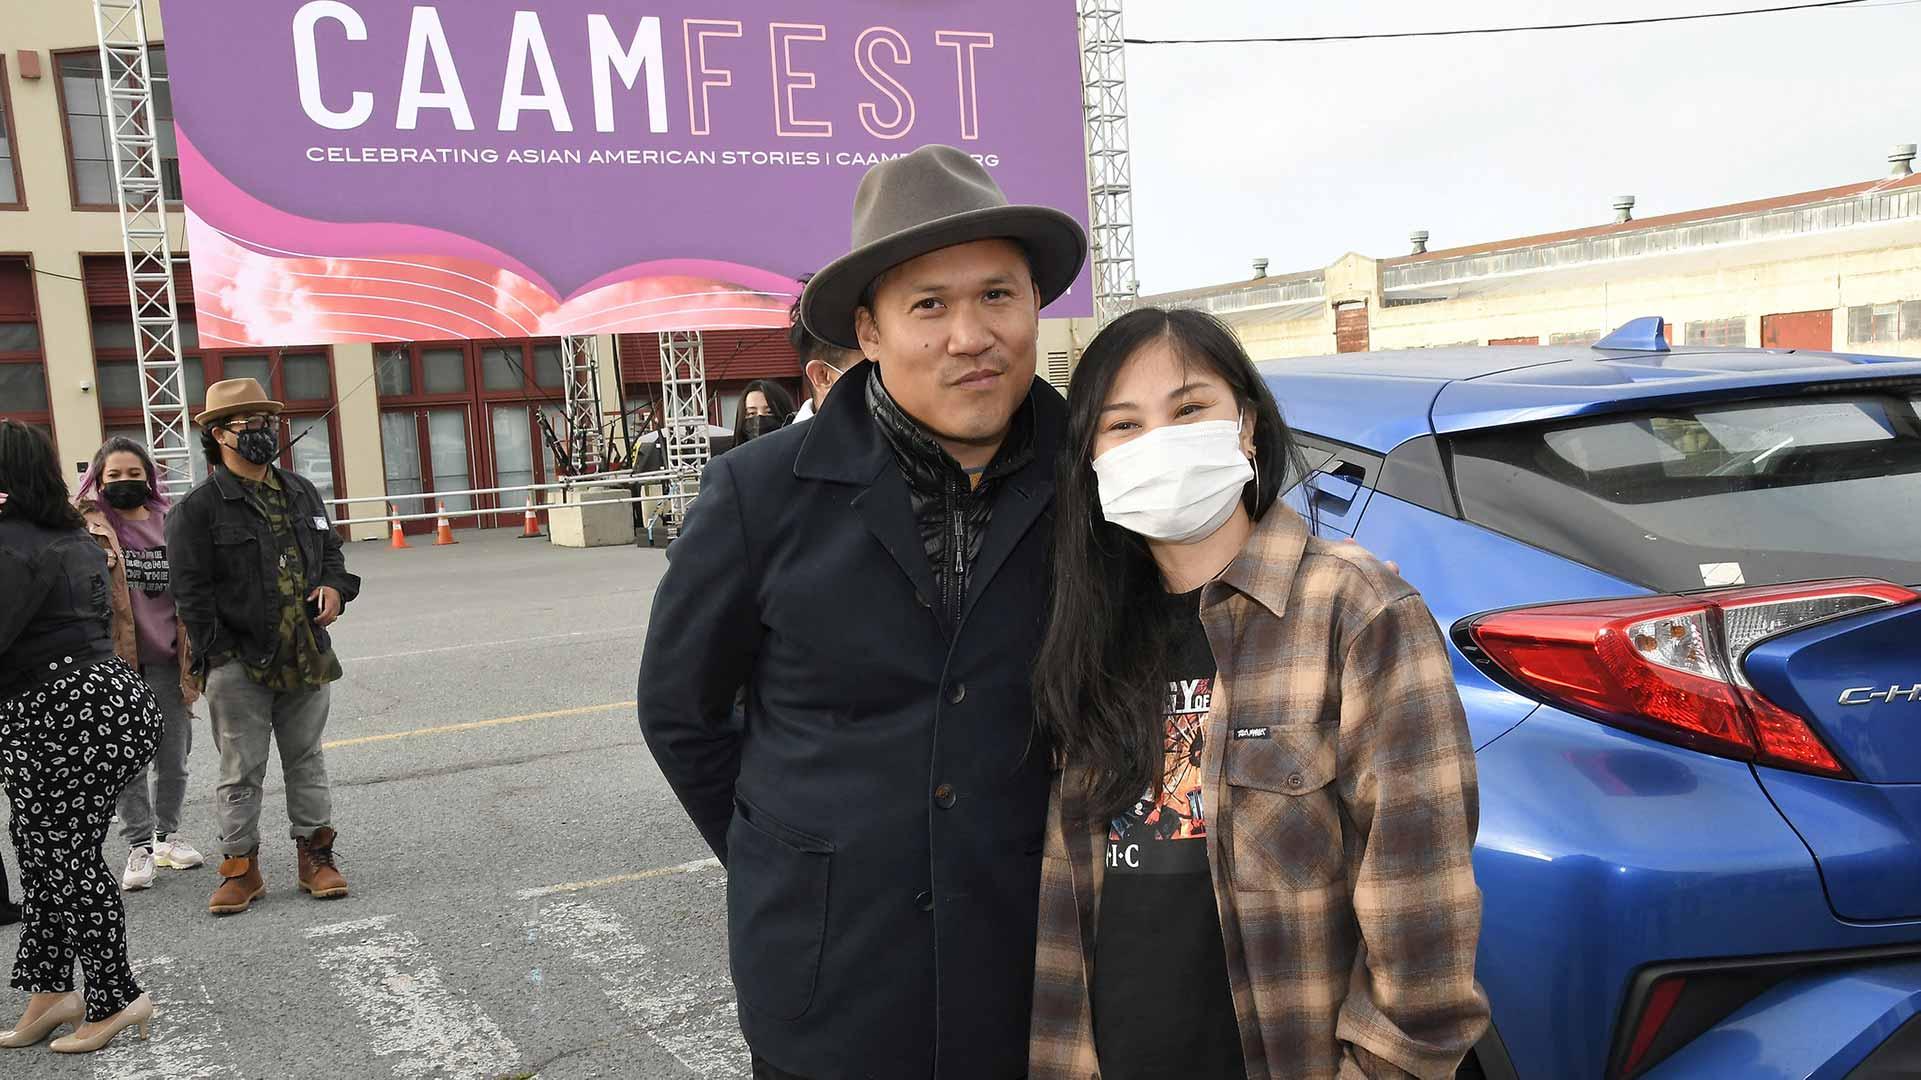 Dante Basco and Ruby Ibarra